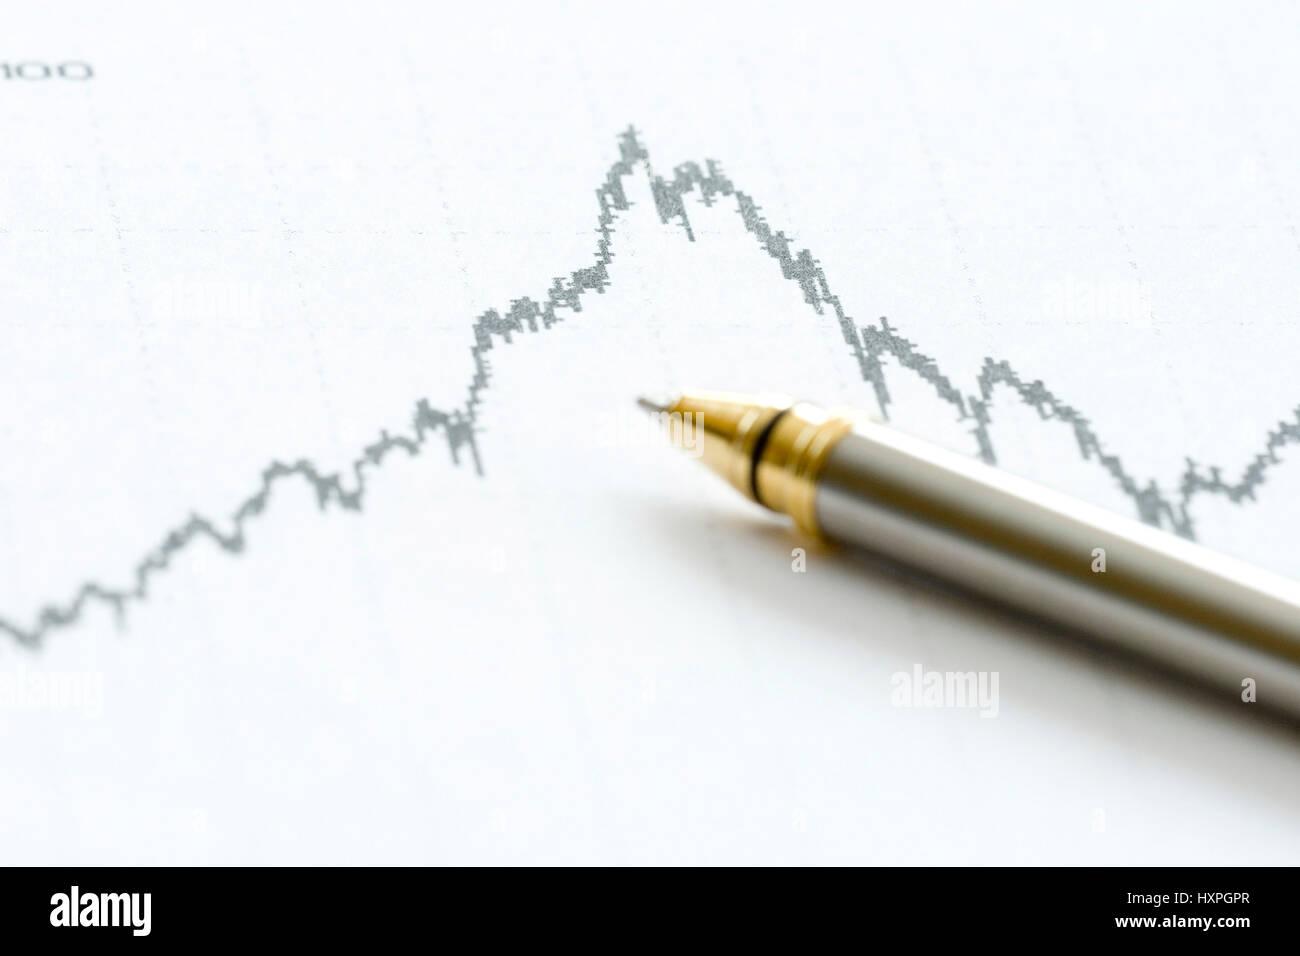 Wertpapierchart with ballpoint pen, Wertpapierchart mit Kugelschreiber - Stock Image